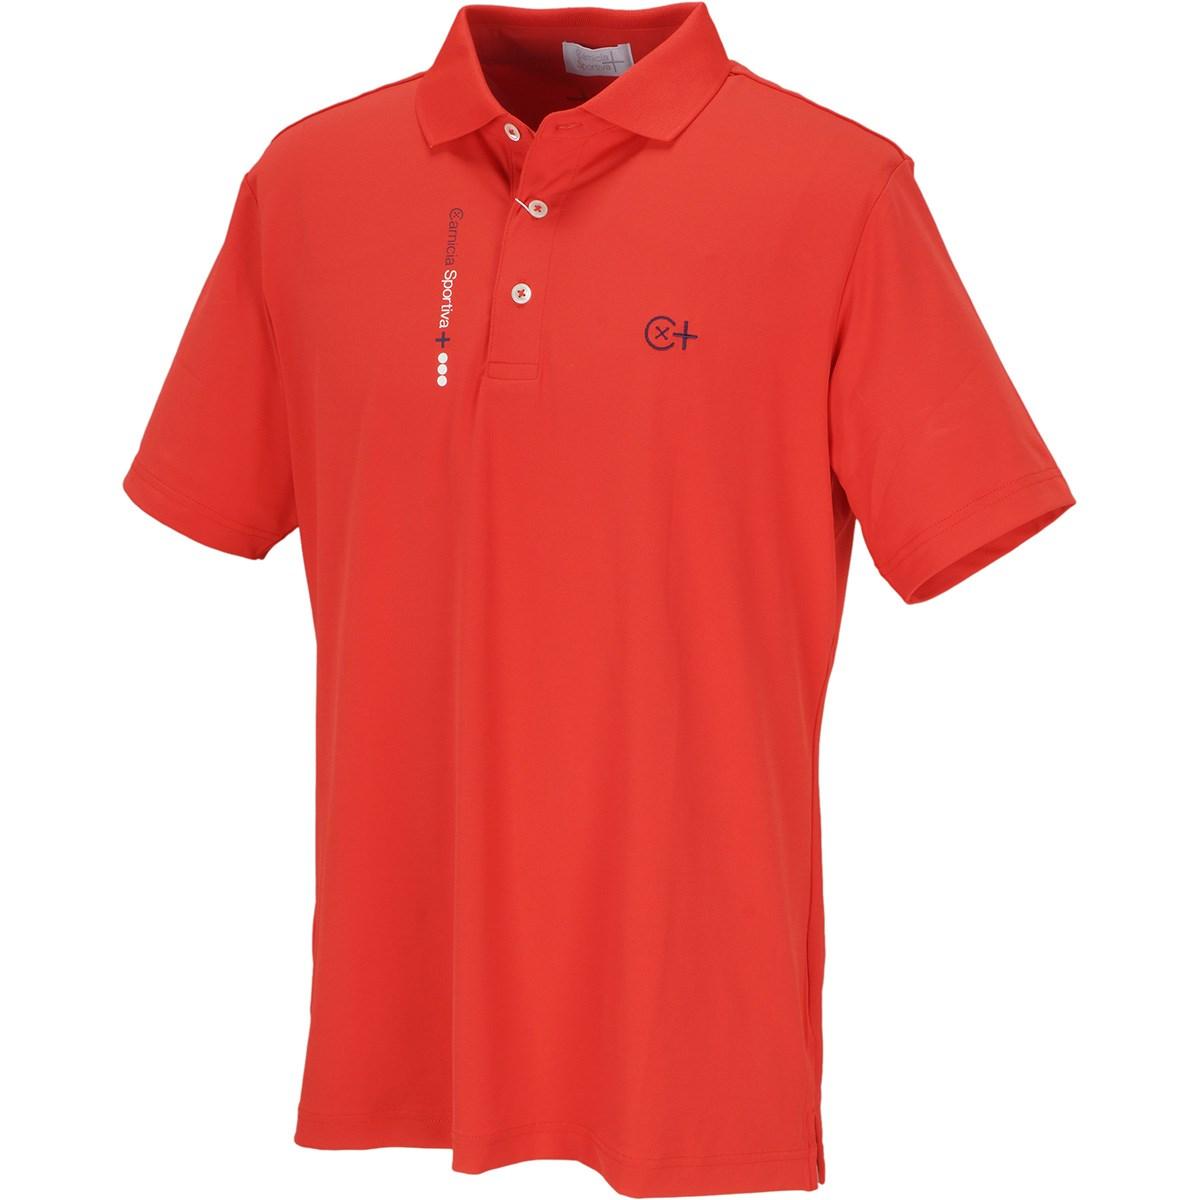 カミーチャスポルティーバプラス CamicaSportiva+ TWINCOT UV半袖ポロシャツ 48 レッド